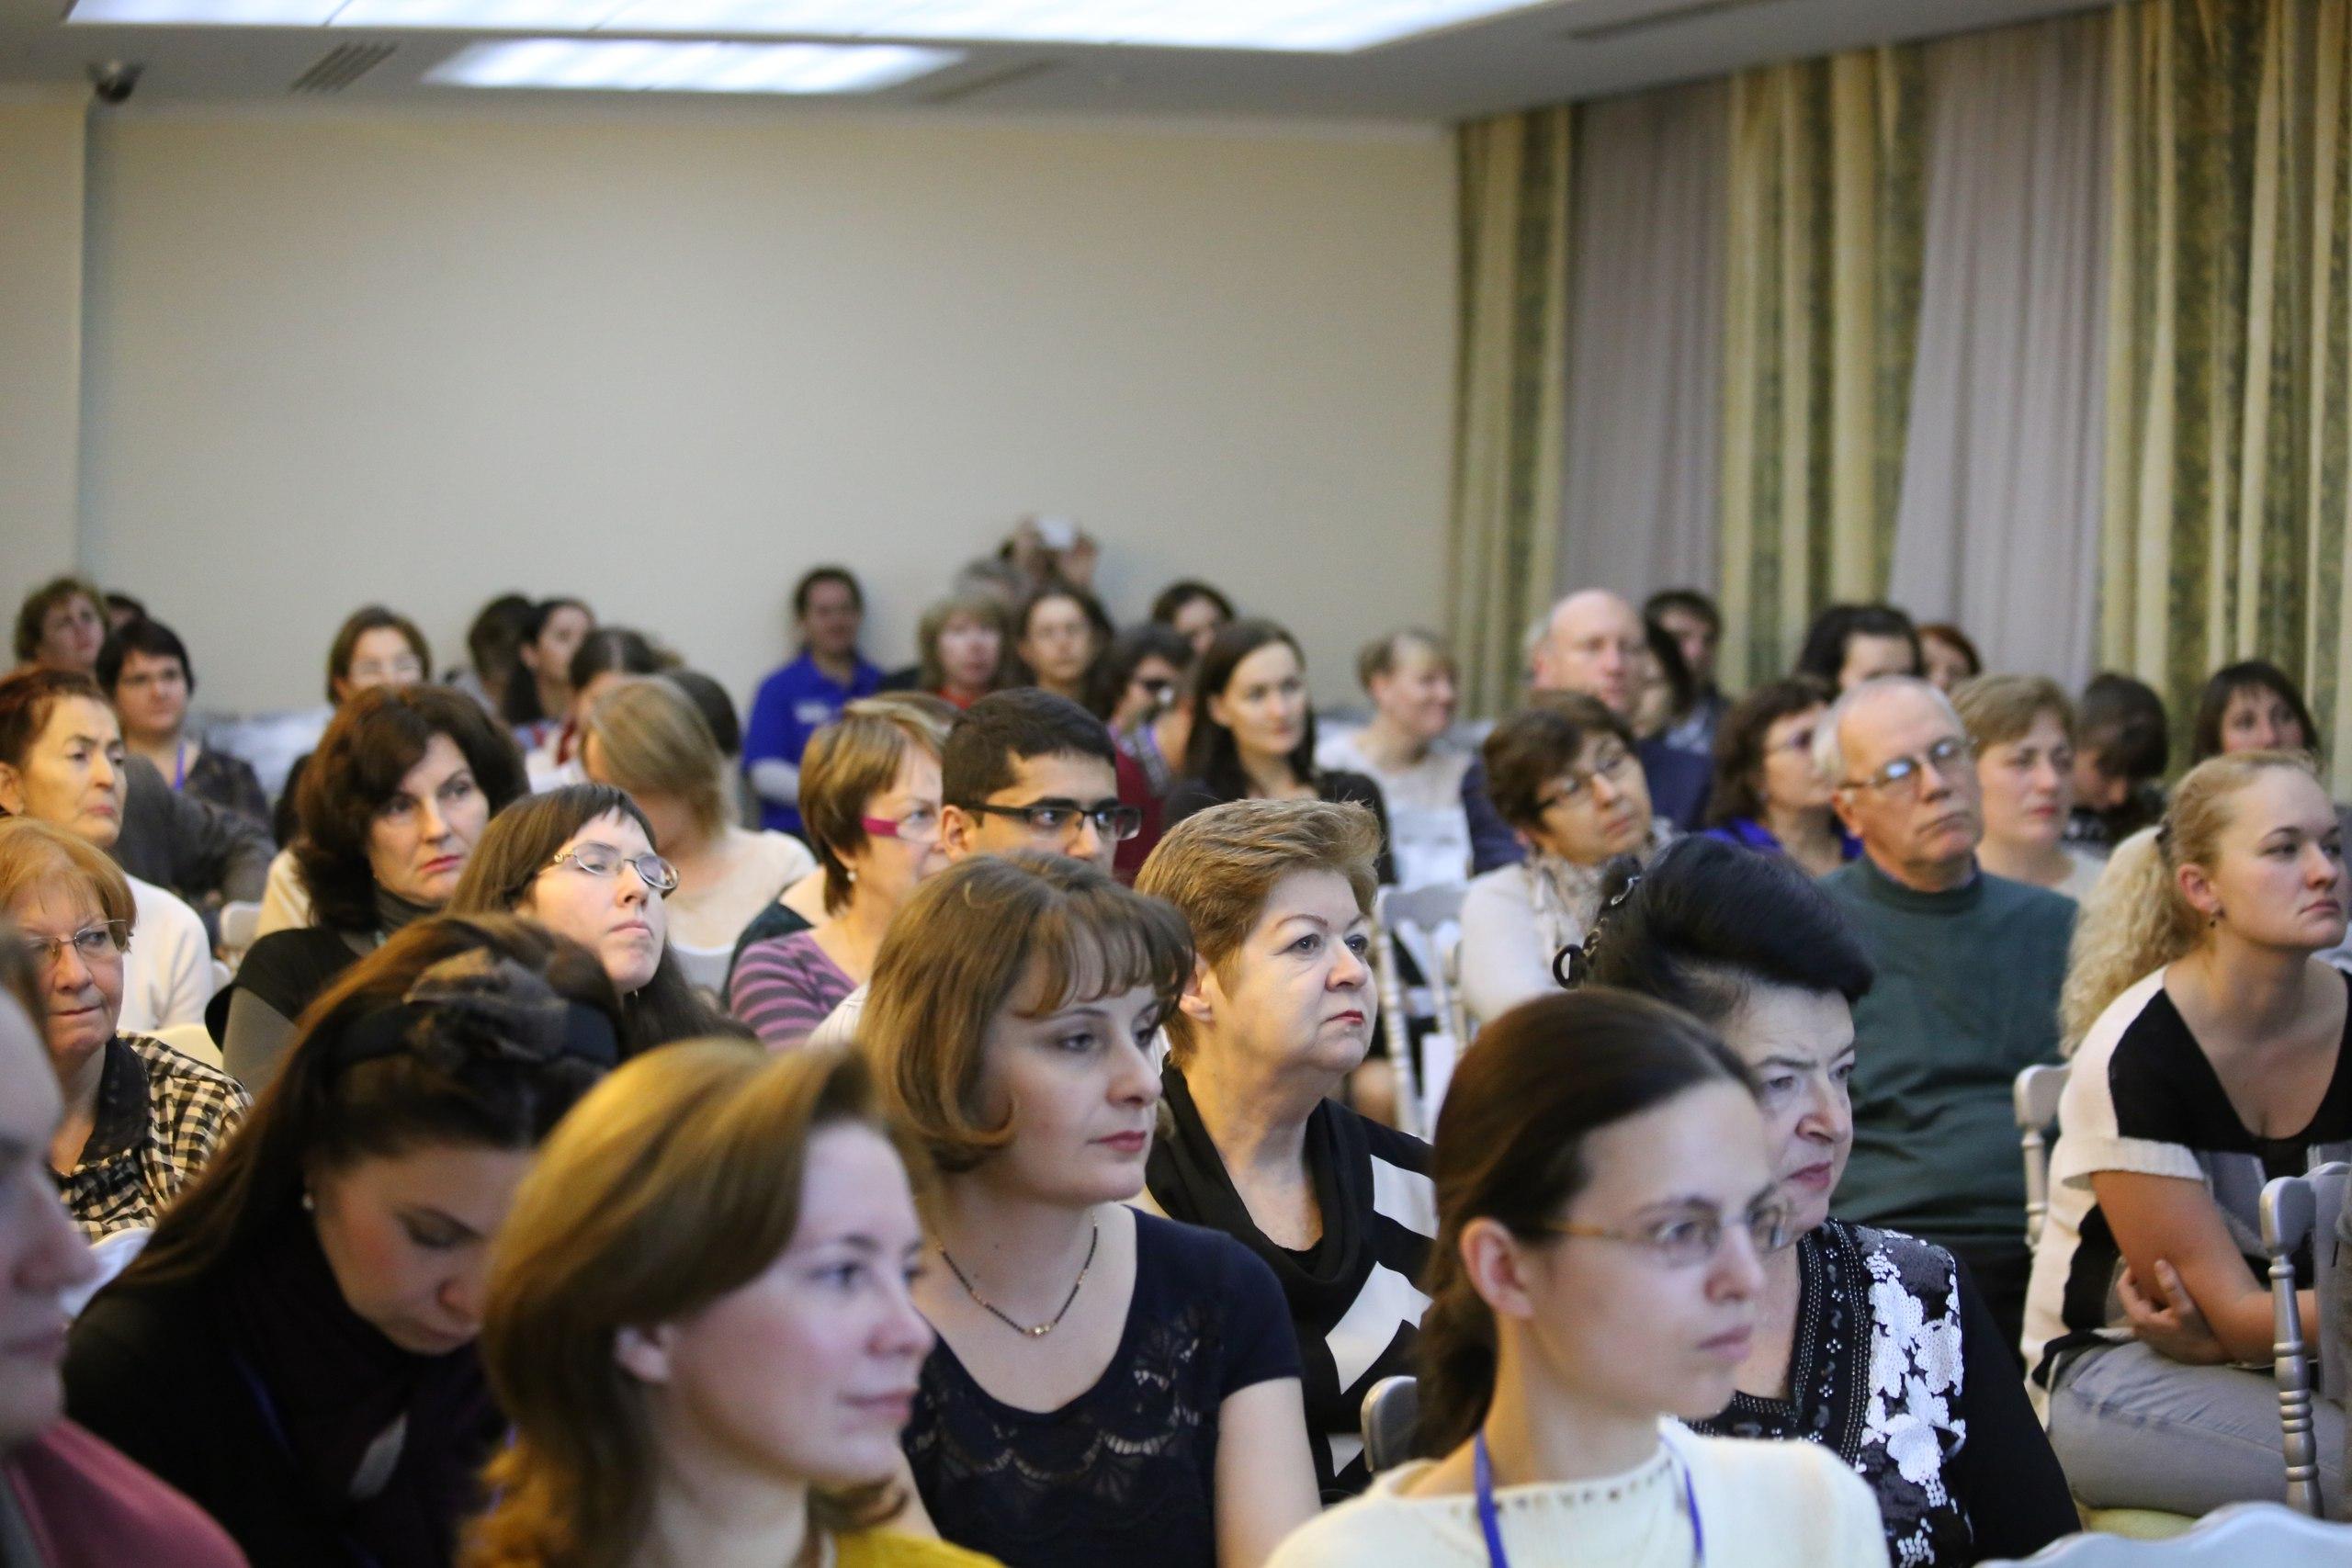 98 - столько человек пришло на конференциию клиники Сфера в 2015 году